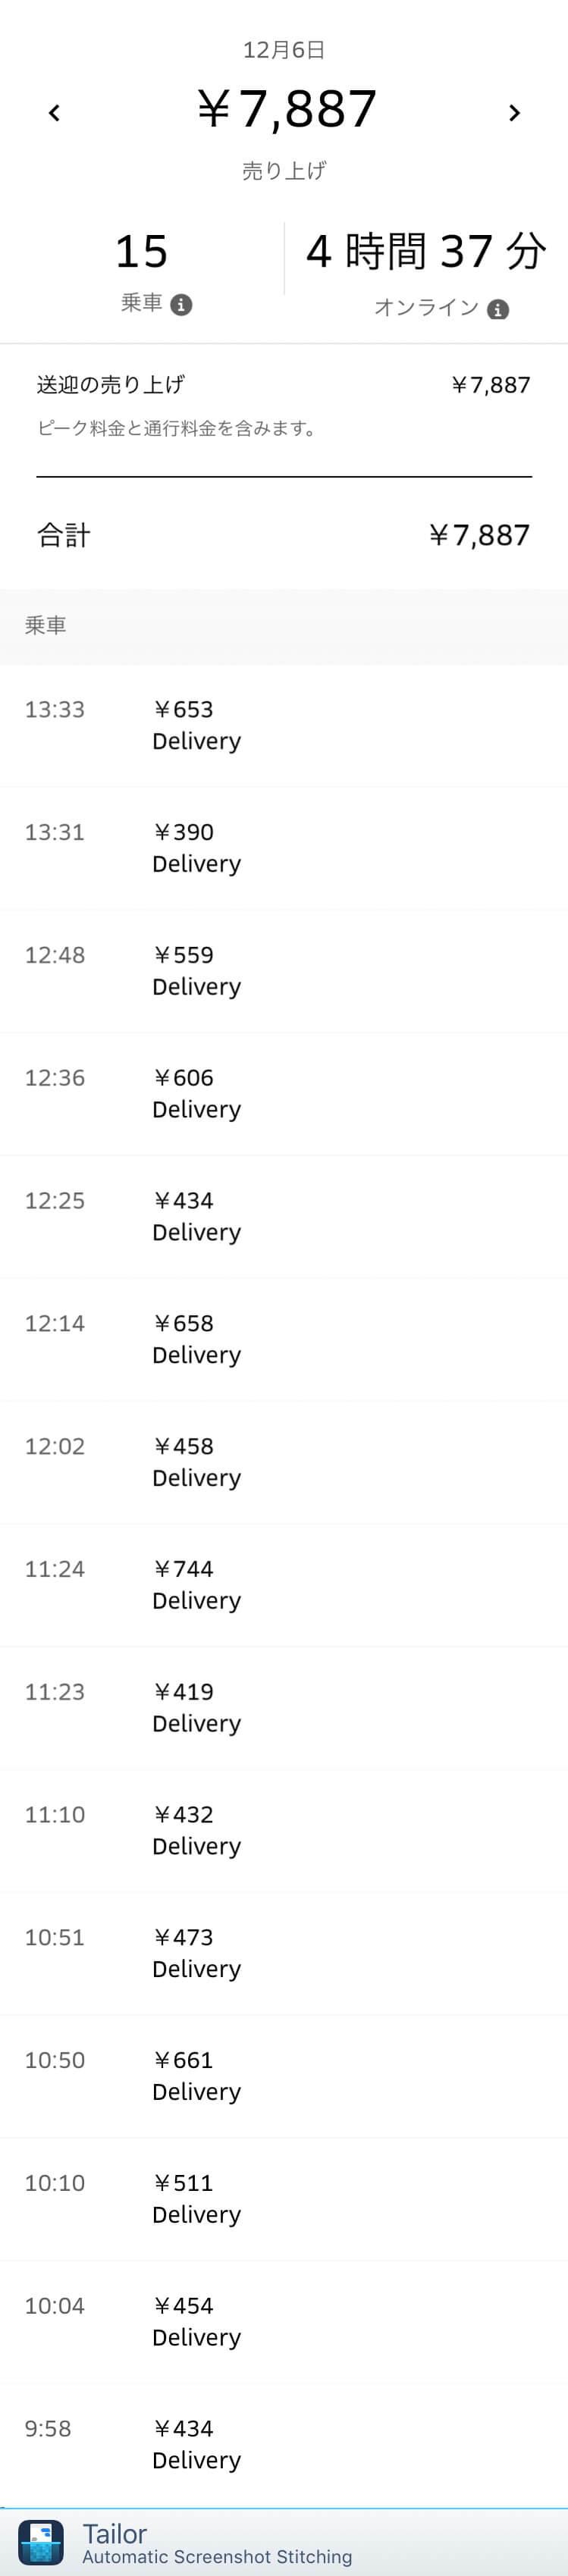 Uber Eats12月6日の配達数字